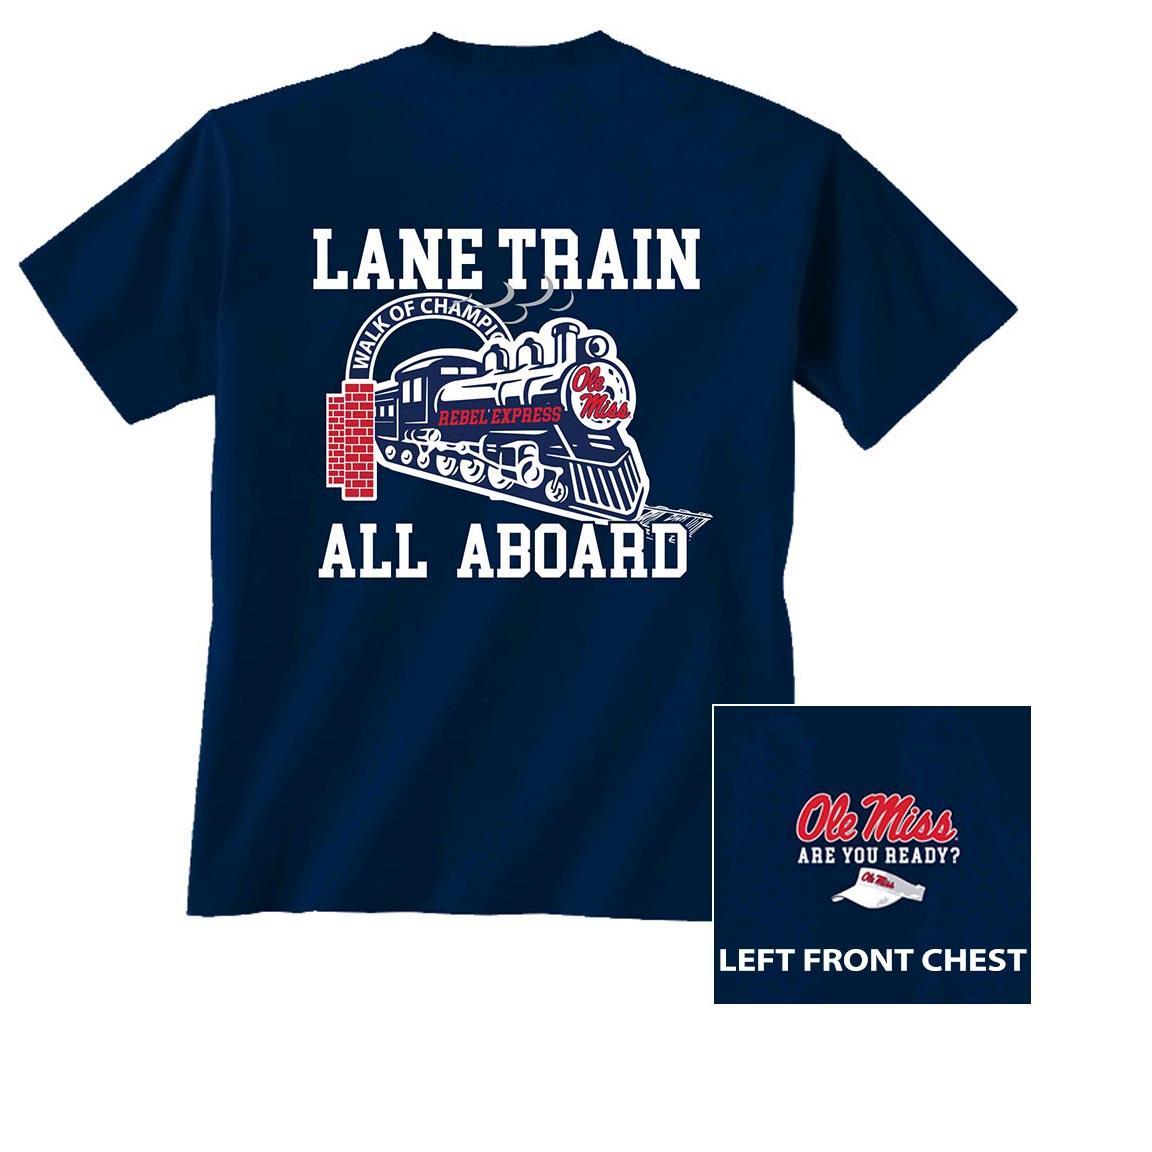 Youth Ss Lane Train Tee